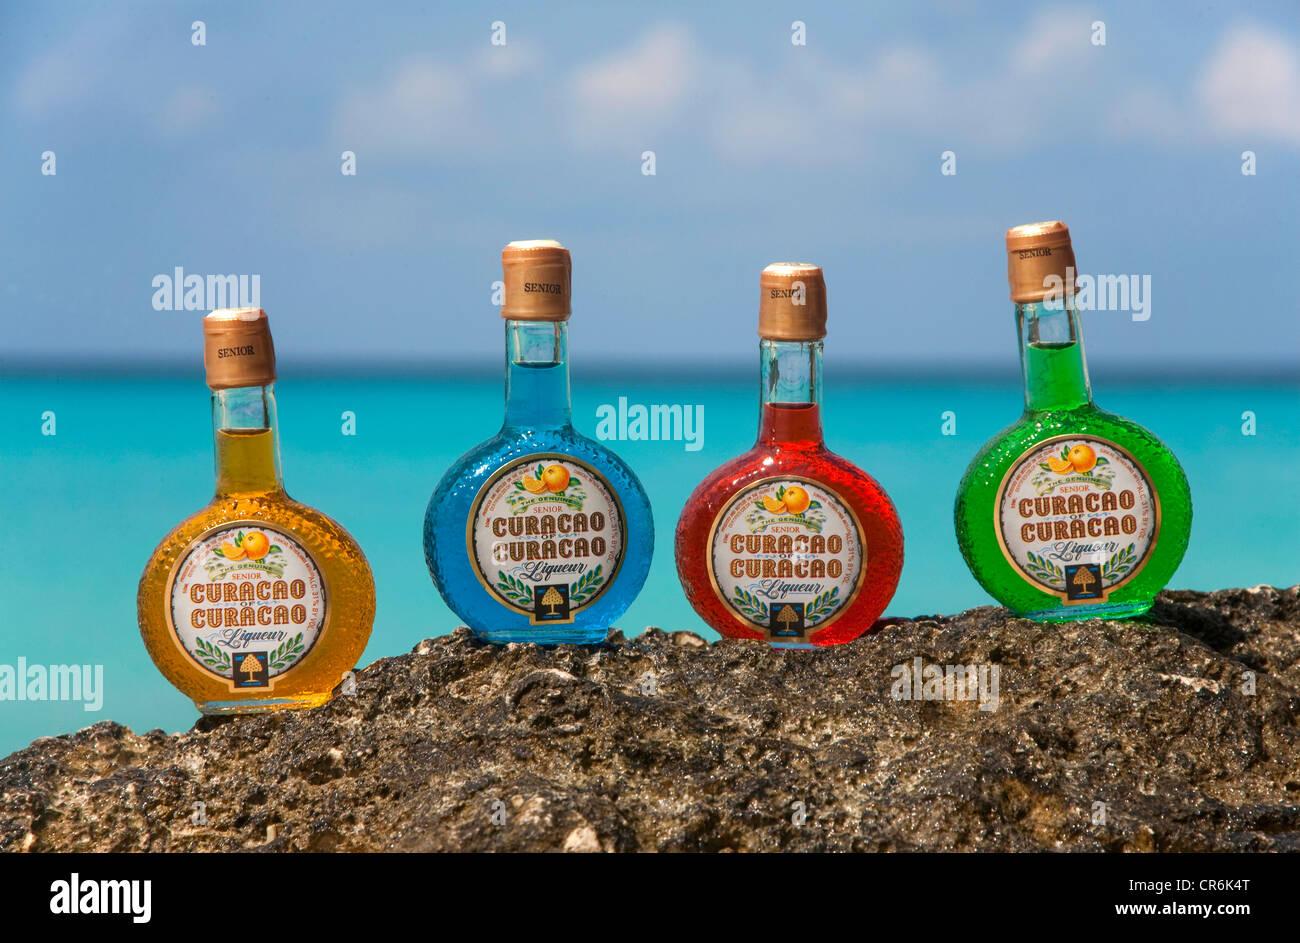 Bouteilles de liqueur colorés, y compris le bleu Curaçao, Willemstad, Curaçao, Antilles néerlandaises, ex-Caraïbes Banque D'Images